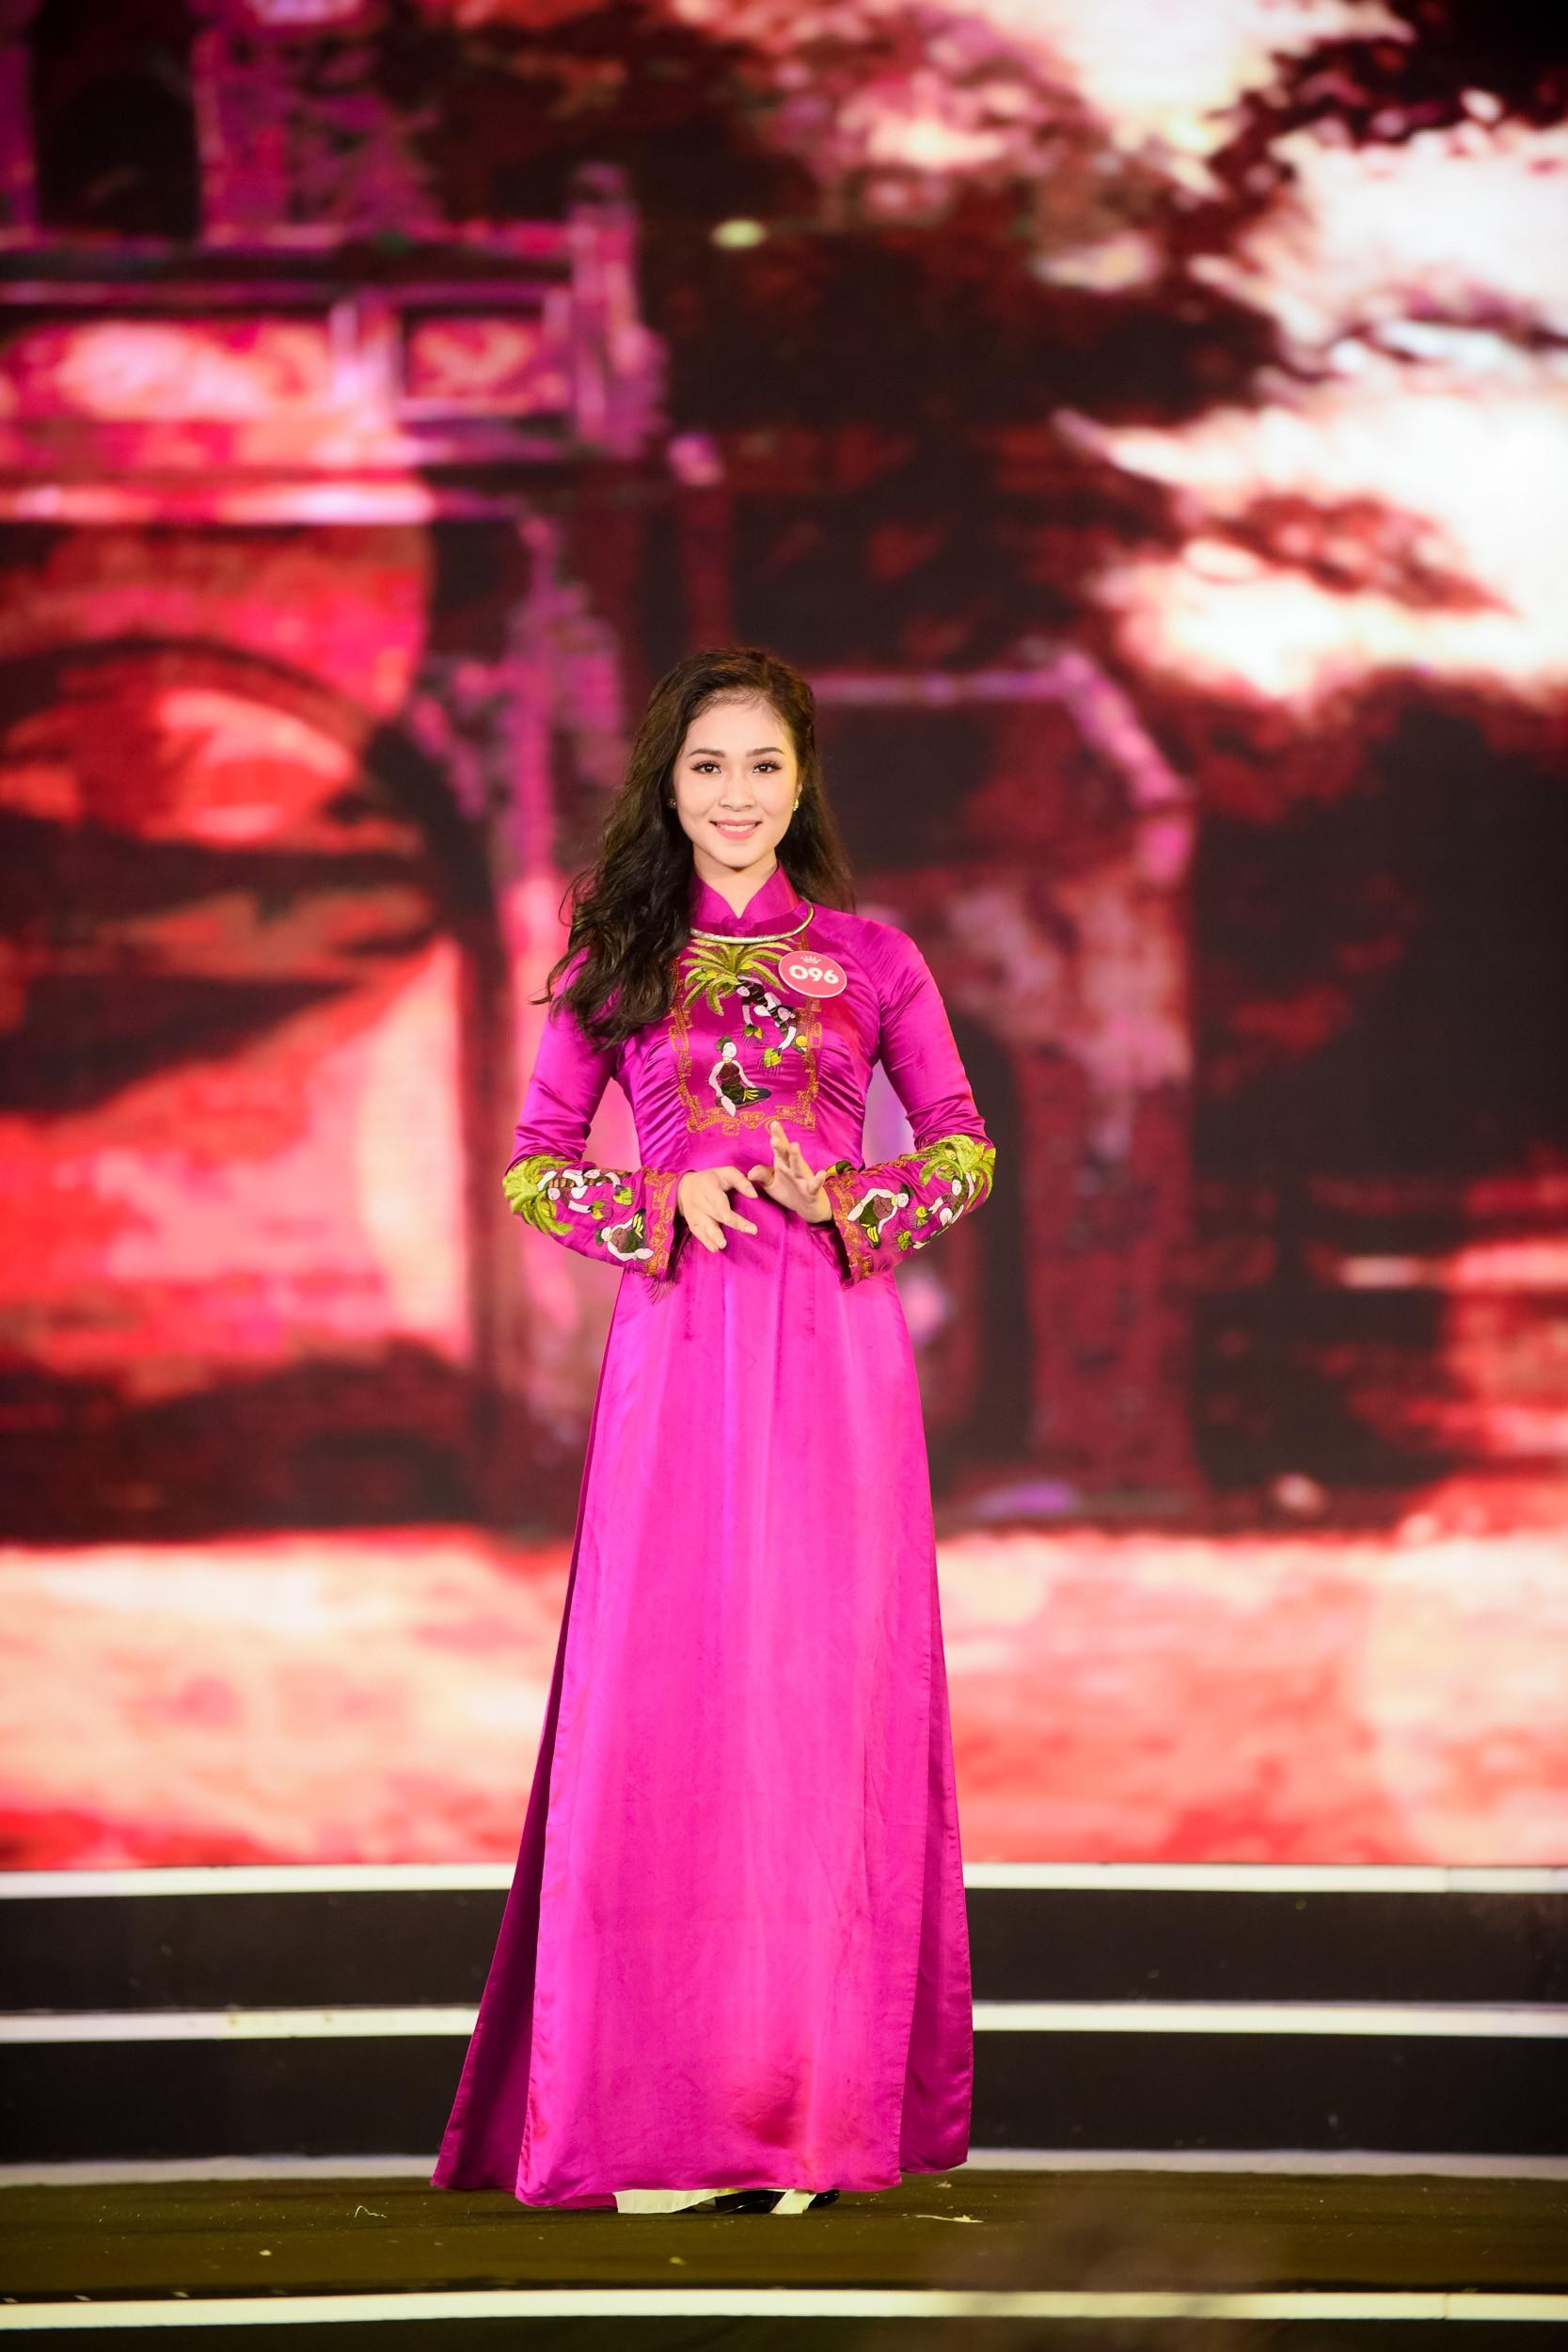 Cập nhật: 38 người đẹp phía Bắc của Hoa hậu Việt Nam tự tin trình diễn bikini, khoe hình thể nóng bỏng - Ảnh 6.